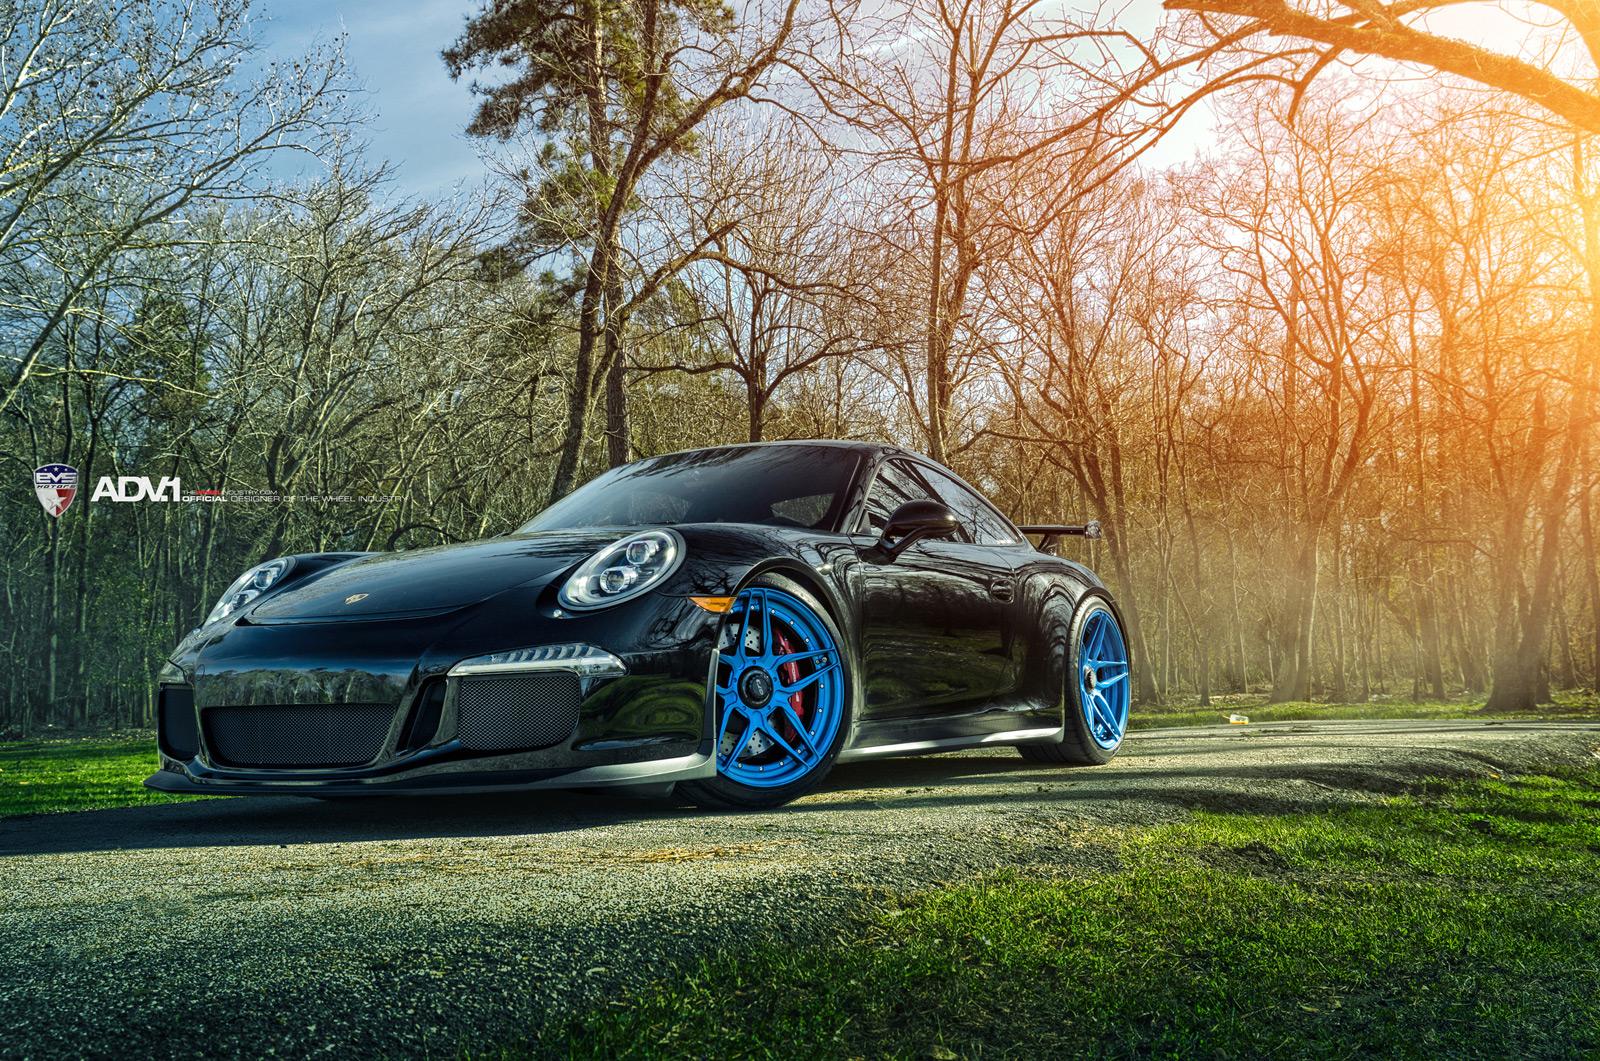 Porsche 911 GT3 с ярко-голубыми дисками ADV.1 Wheels